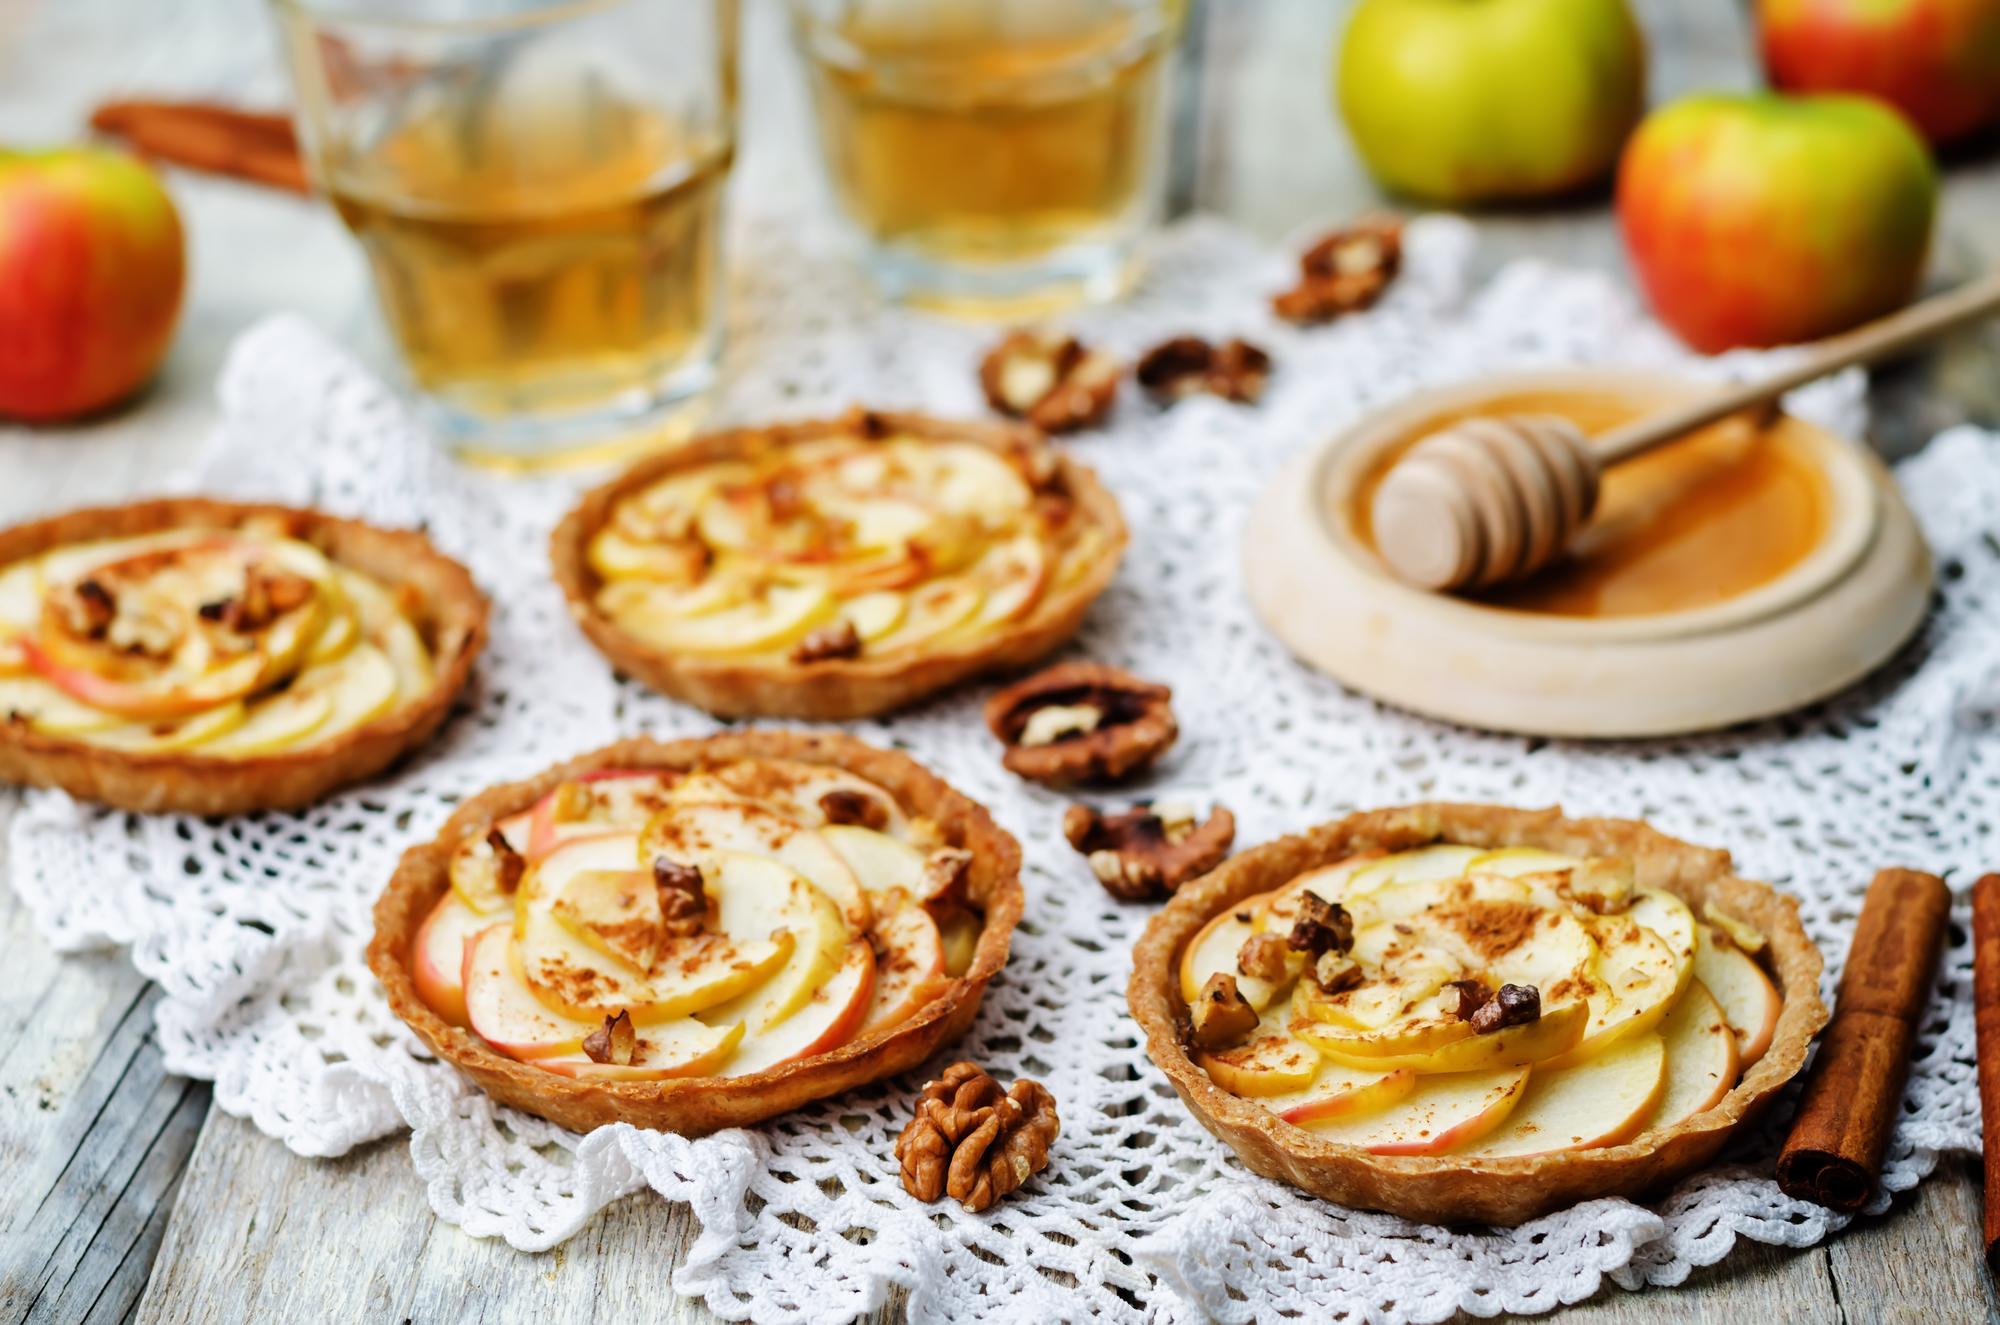 Яблочные тарталетки: подробный рецепт с фото